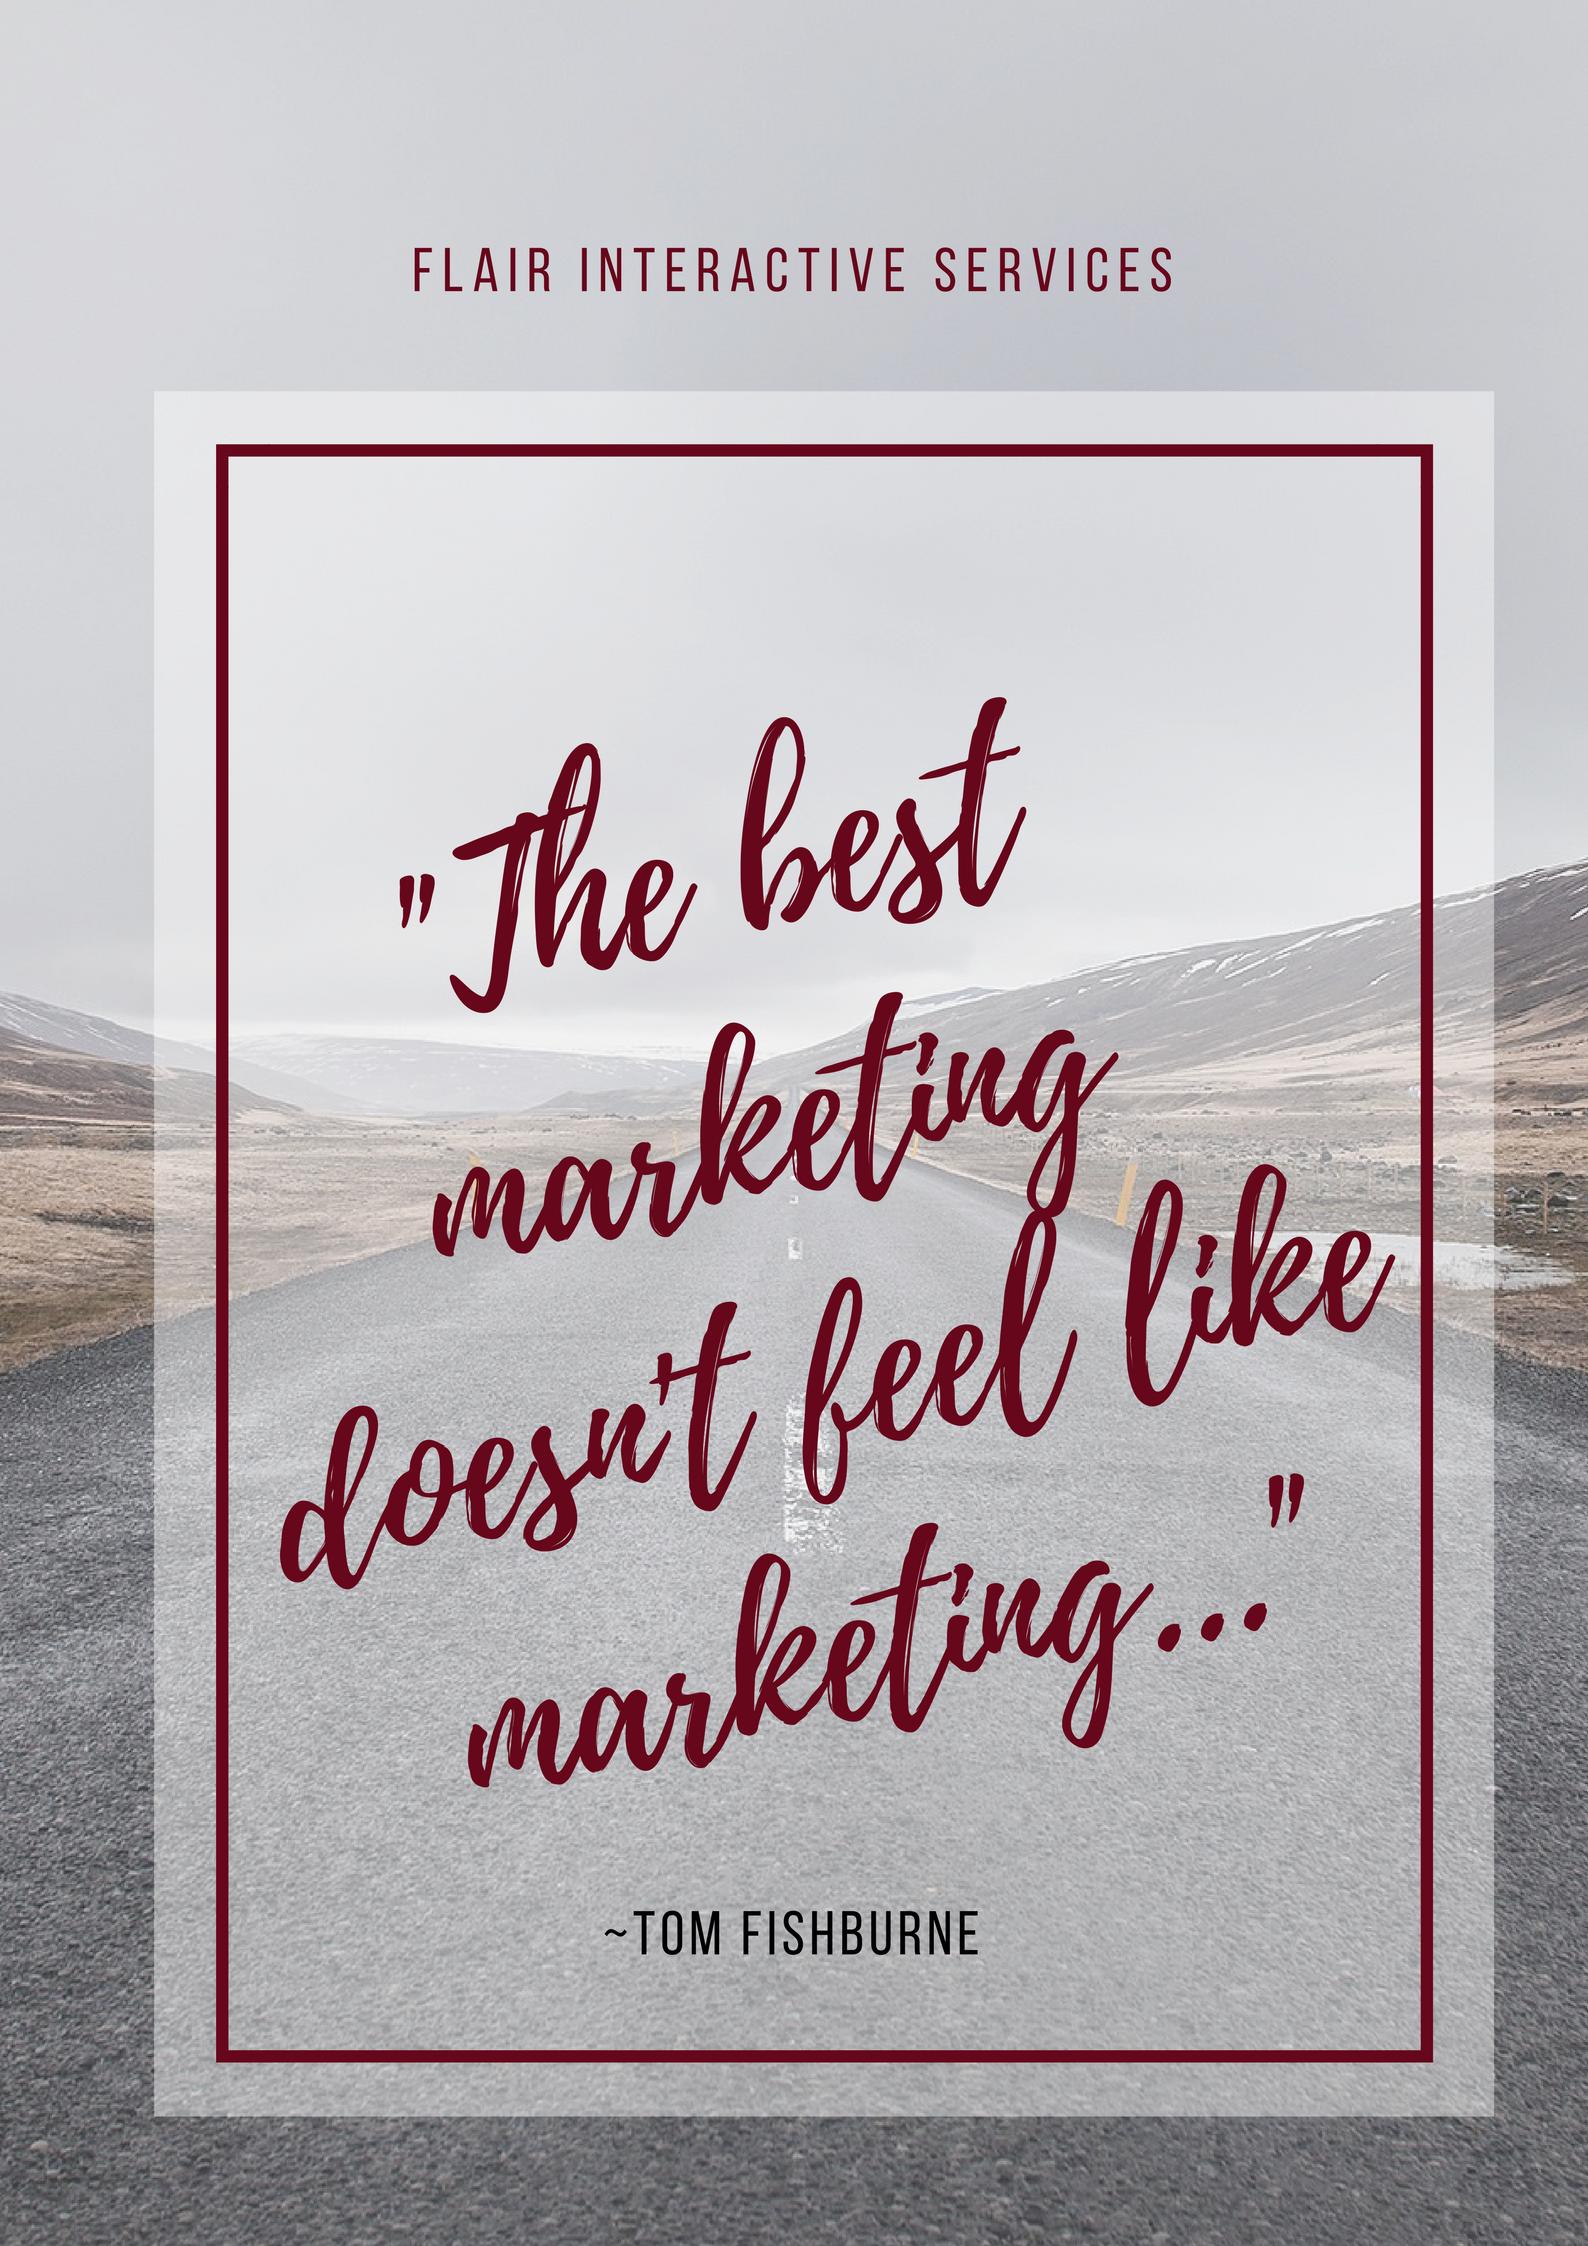 the best marketing doesn't feel like marketing